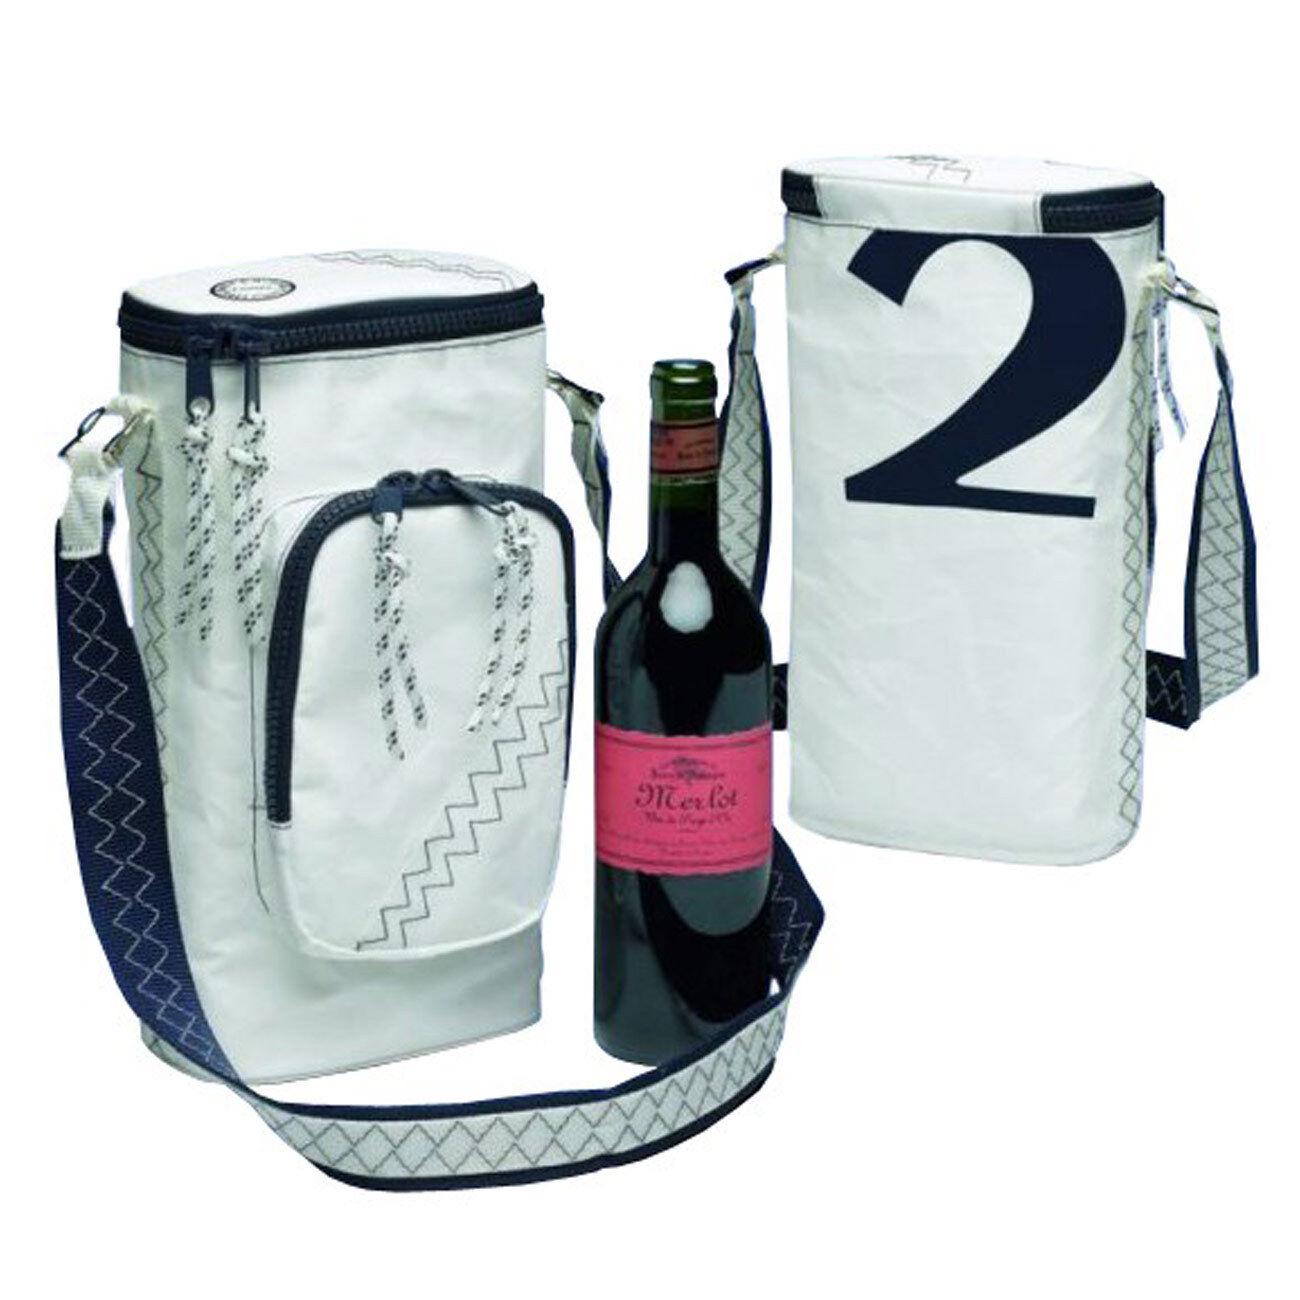 Wein-Kühltasche Sea Princess aus Segeltuch - trendiger Weinkühler für 2 Flaschen